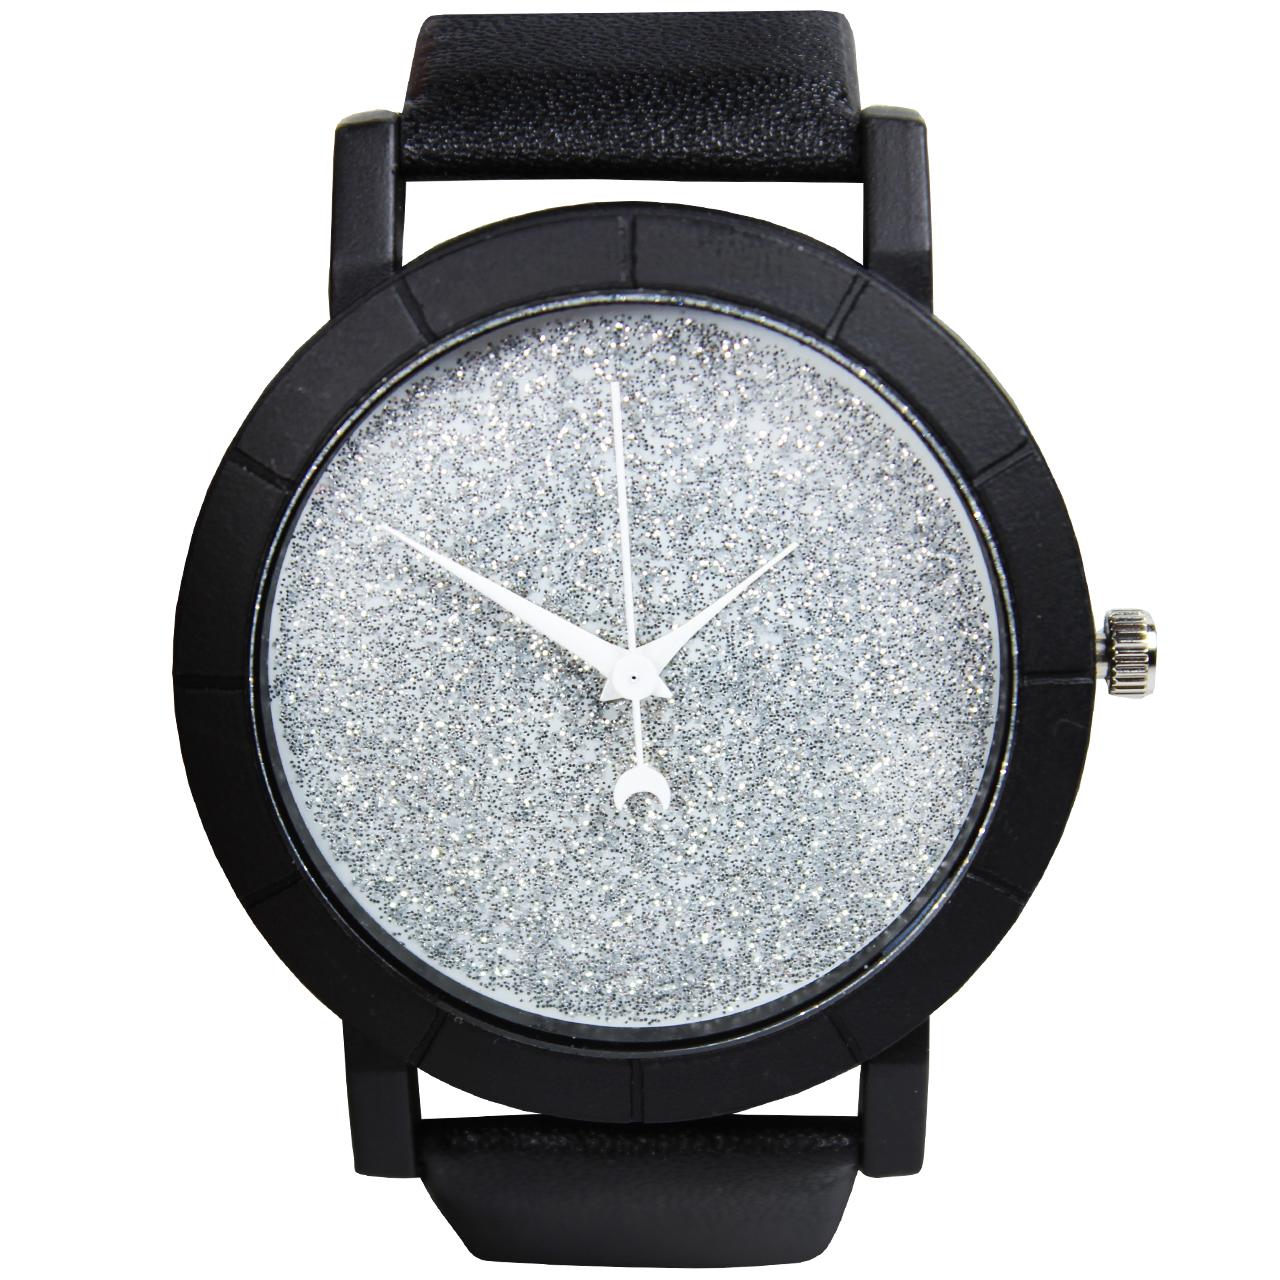 ساعت مچی عقربه ای زنانه مدل Ak-01